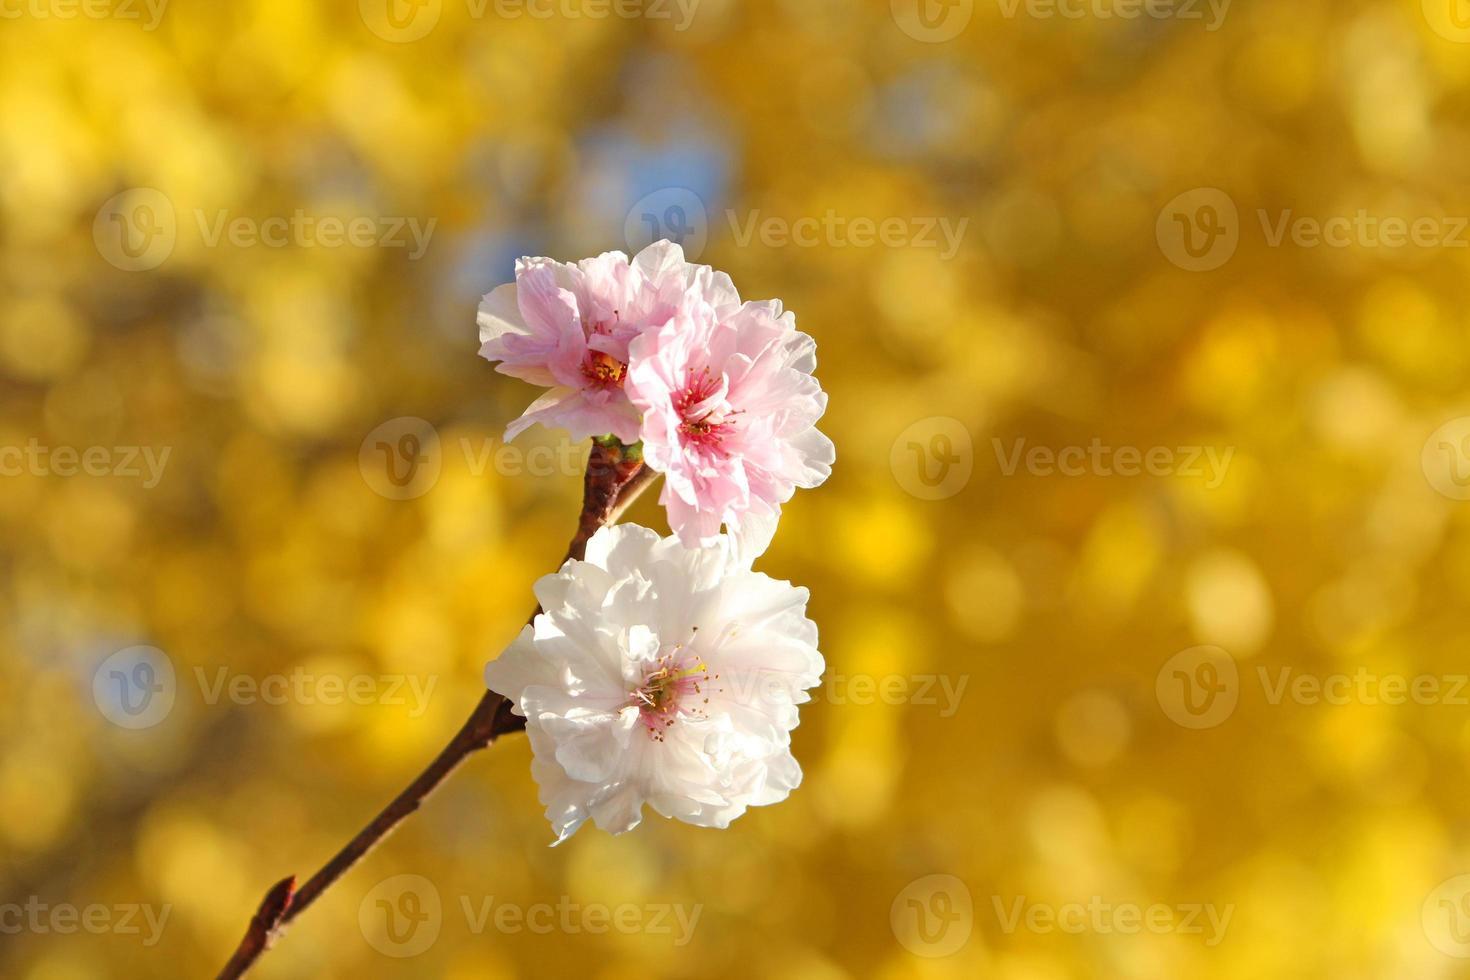 flores de cerezo de invierno foto